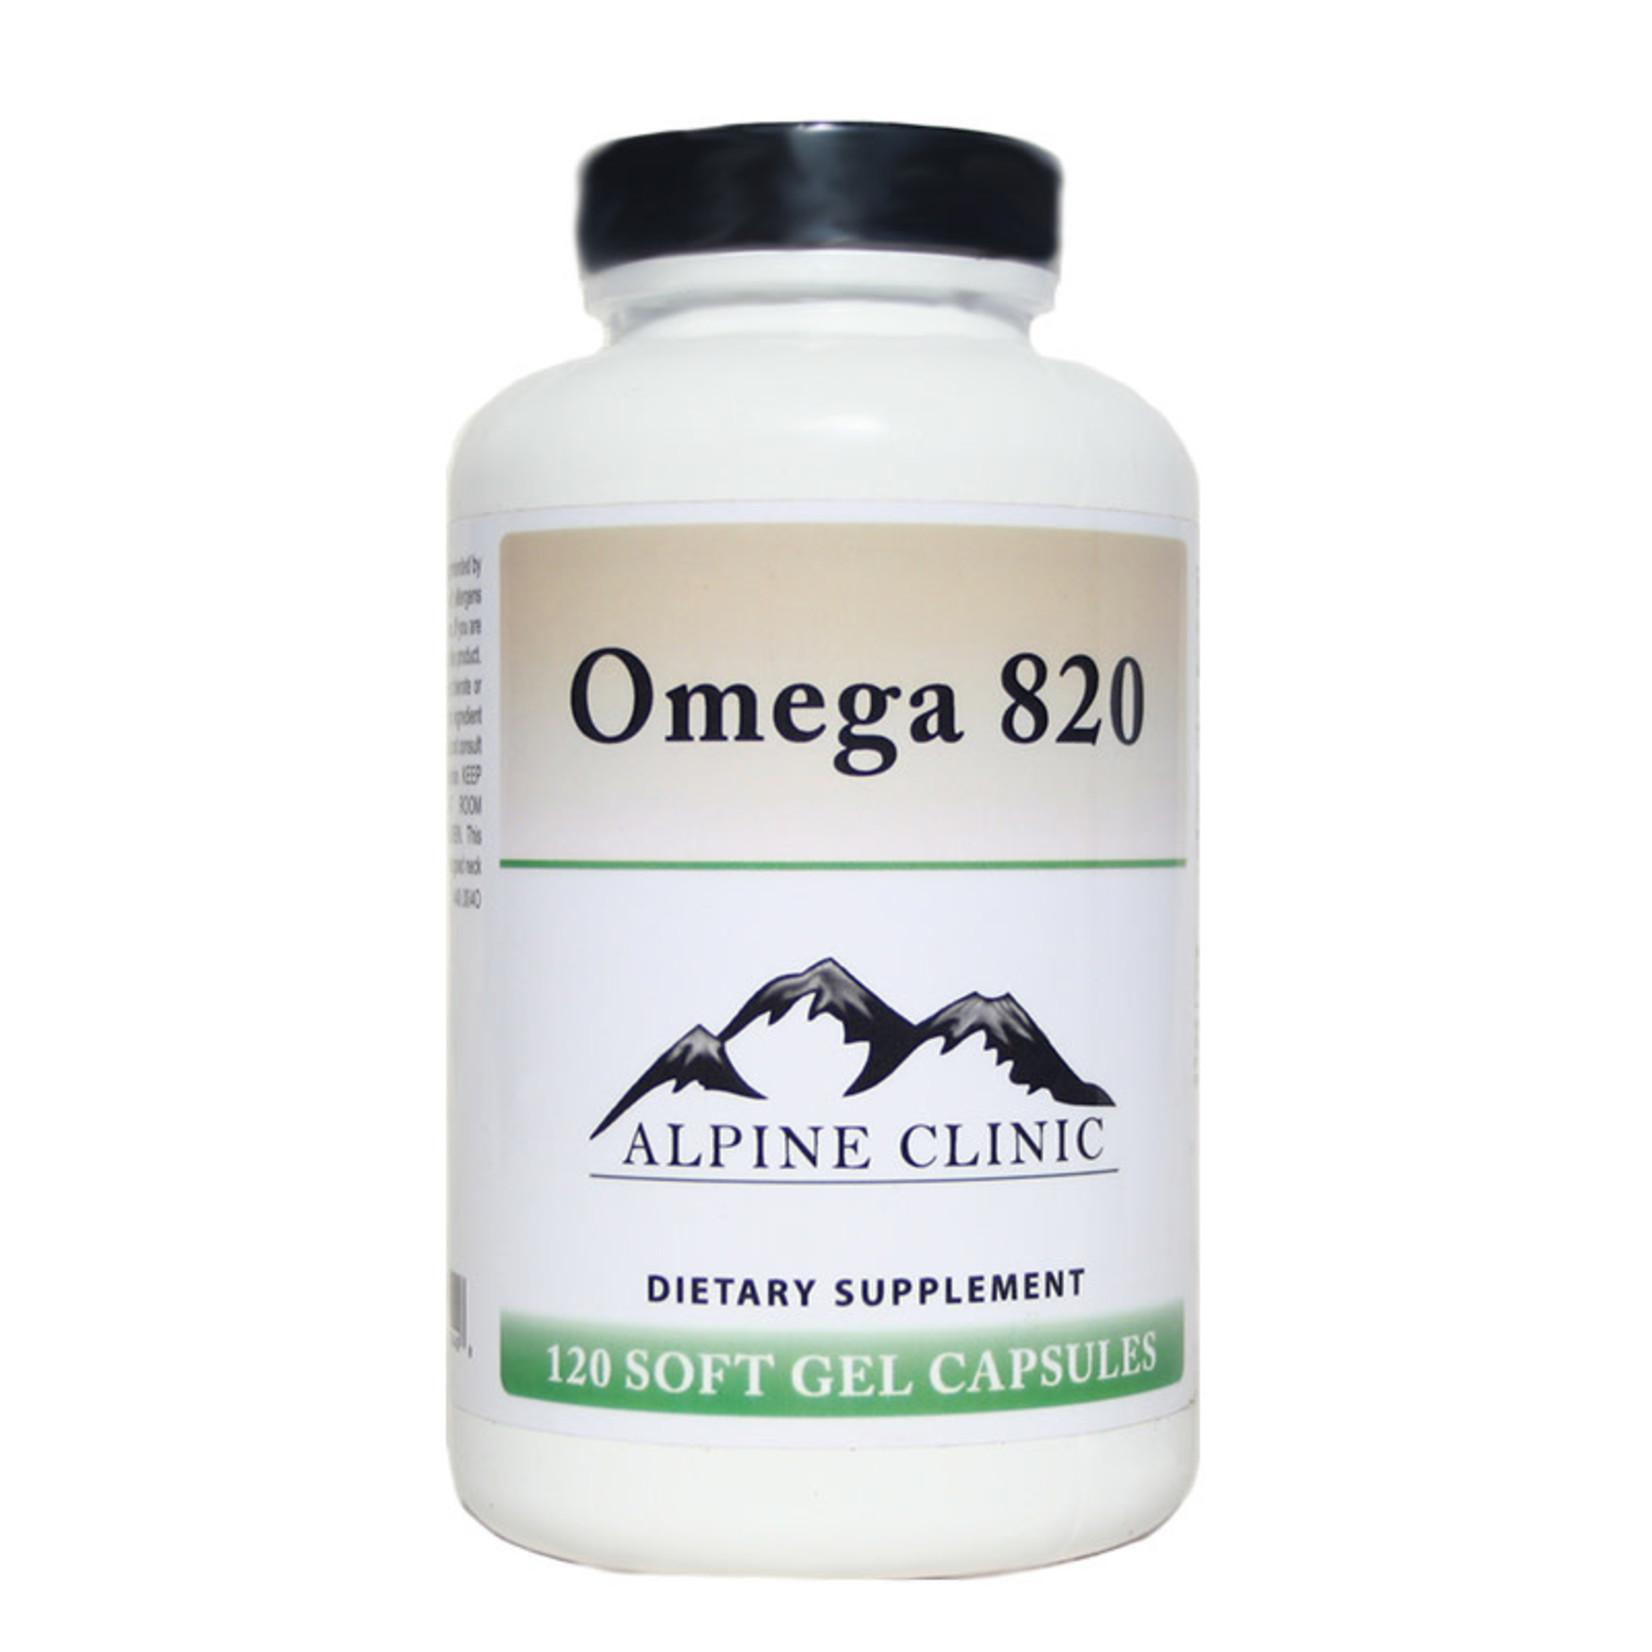 Alpine Clinic Private Label Omega 820